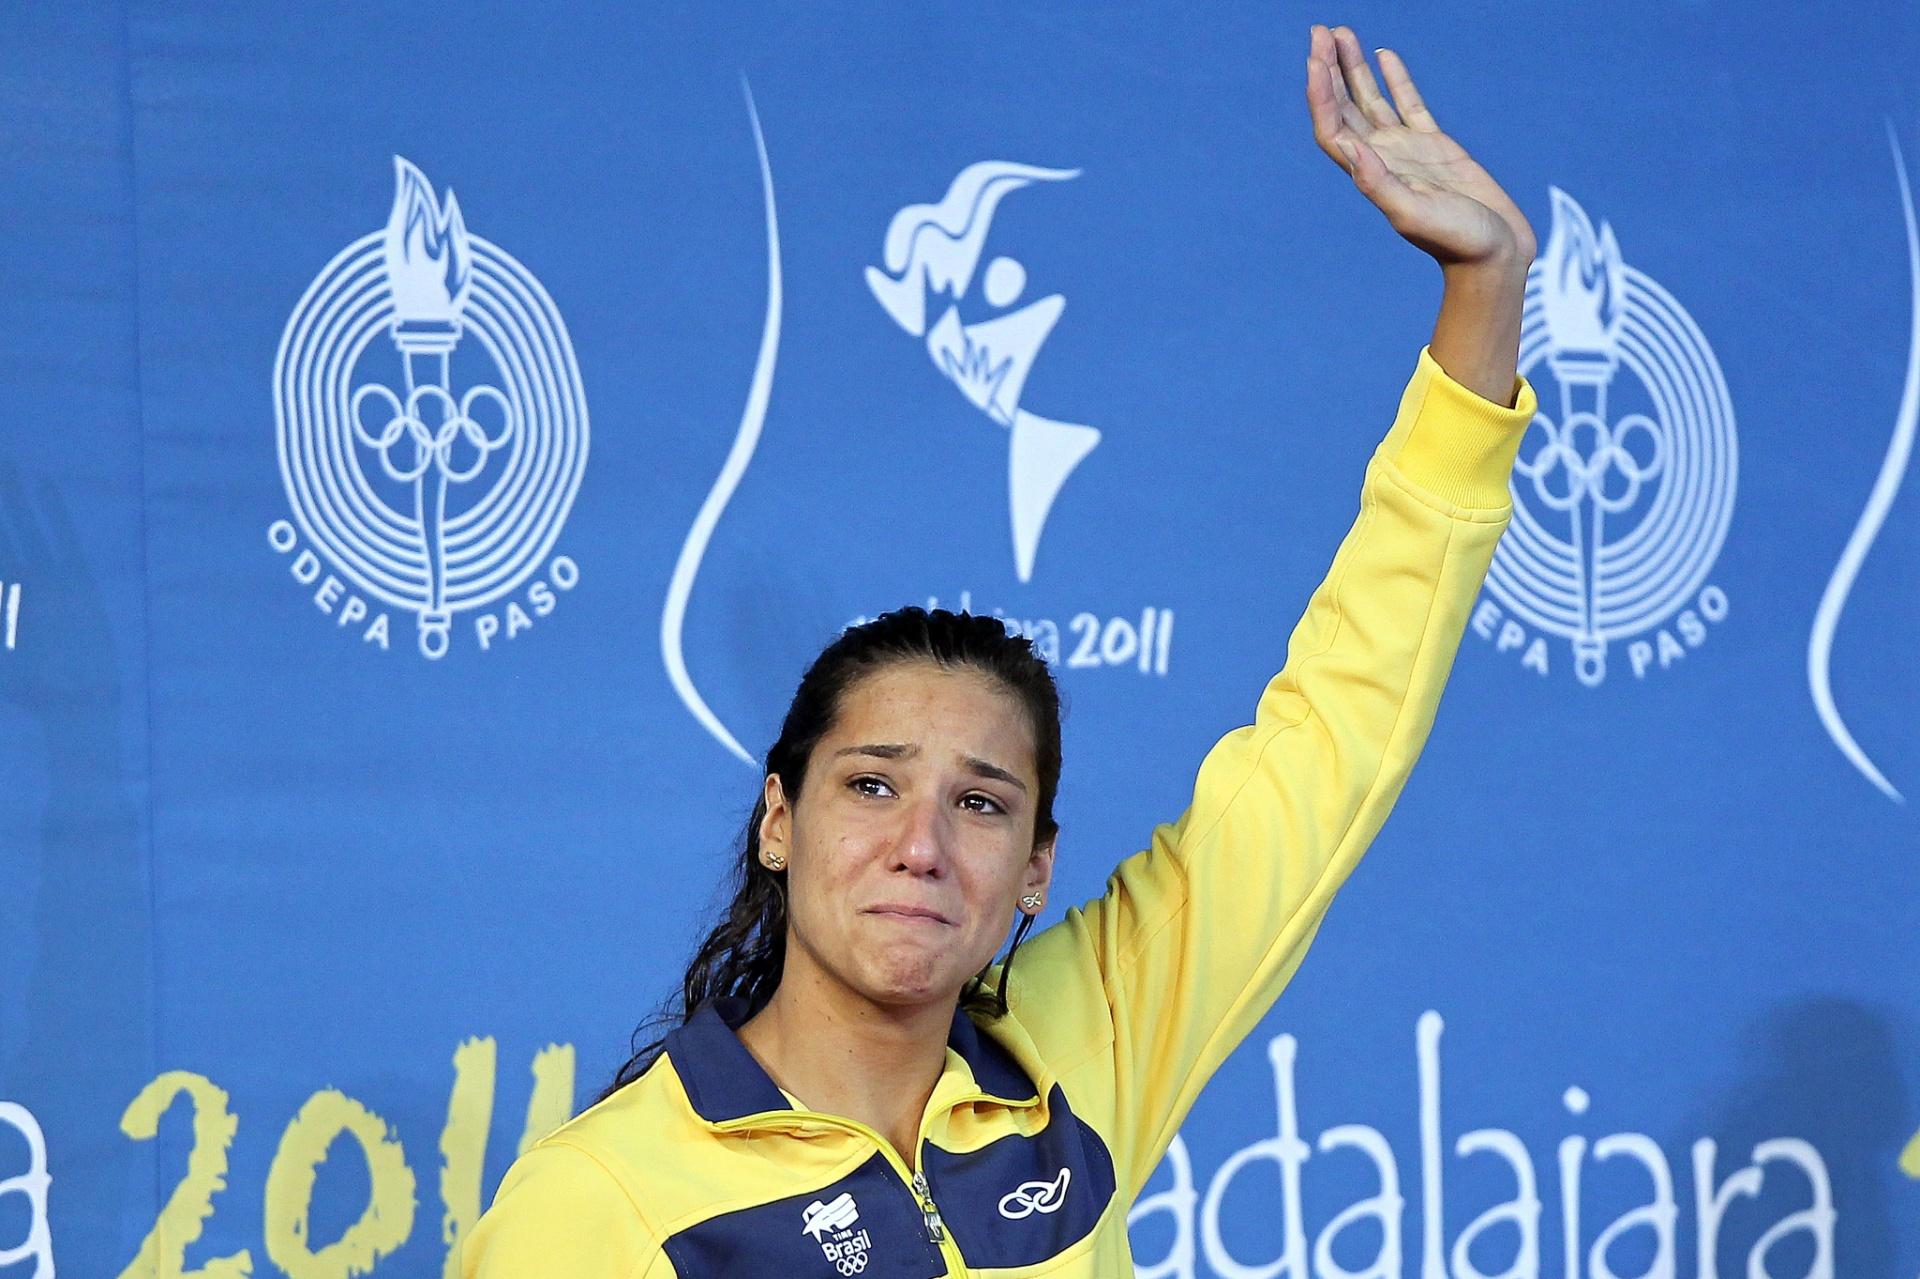 Joanna Maranhão chora no pódio após ficar com a medalha de prata nos 400m medley dos Jogos Pan-Americanos de Guadalajara (15/10/2011)